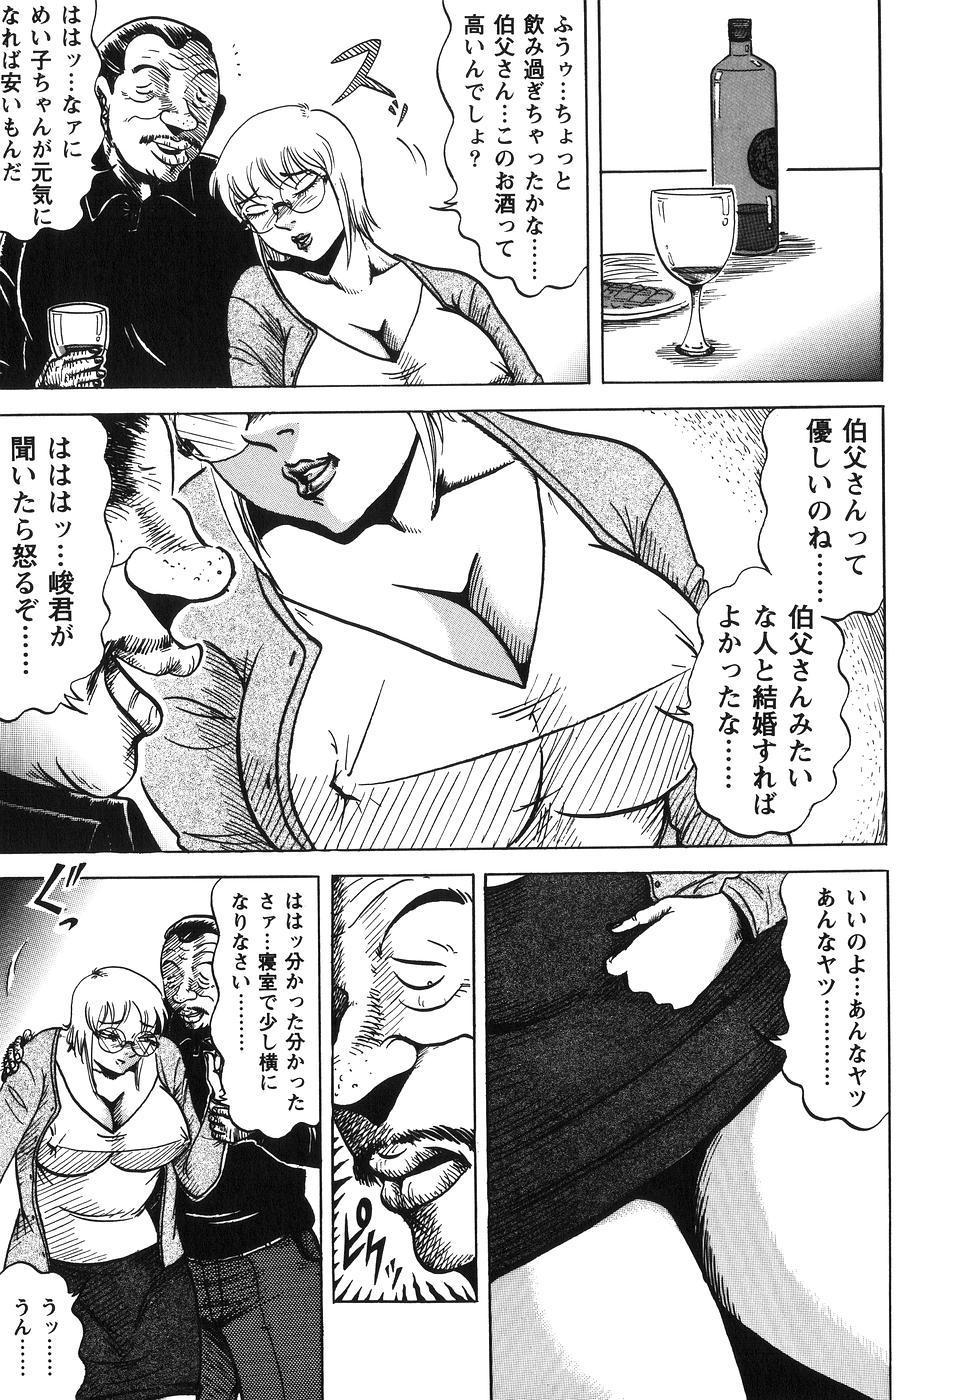 Jukubo Soukan Yosoji no Tawamure 104